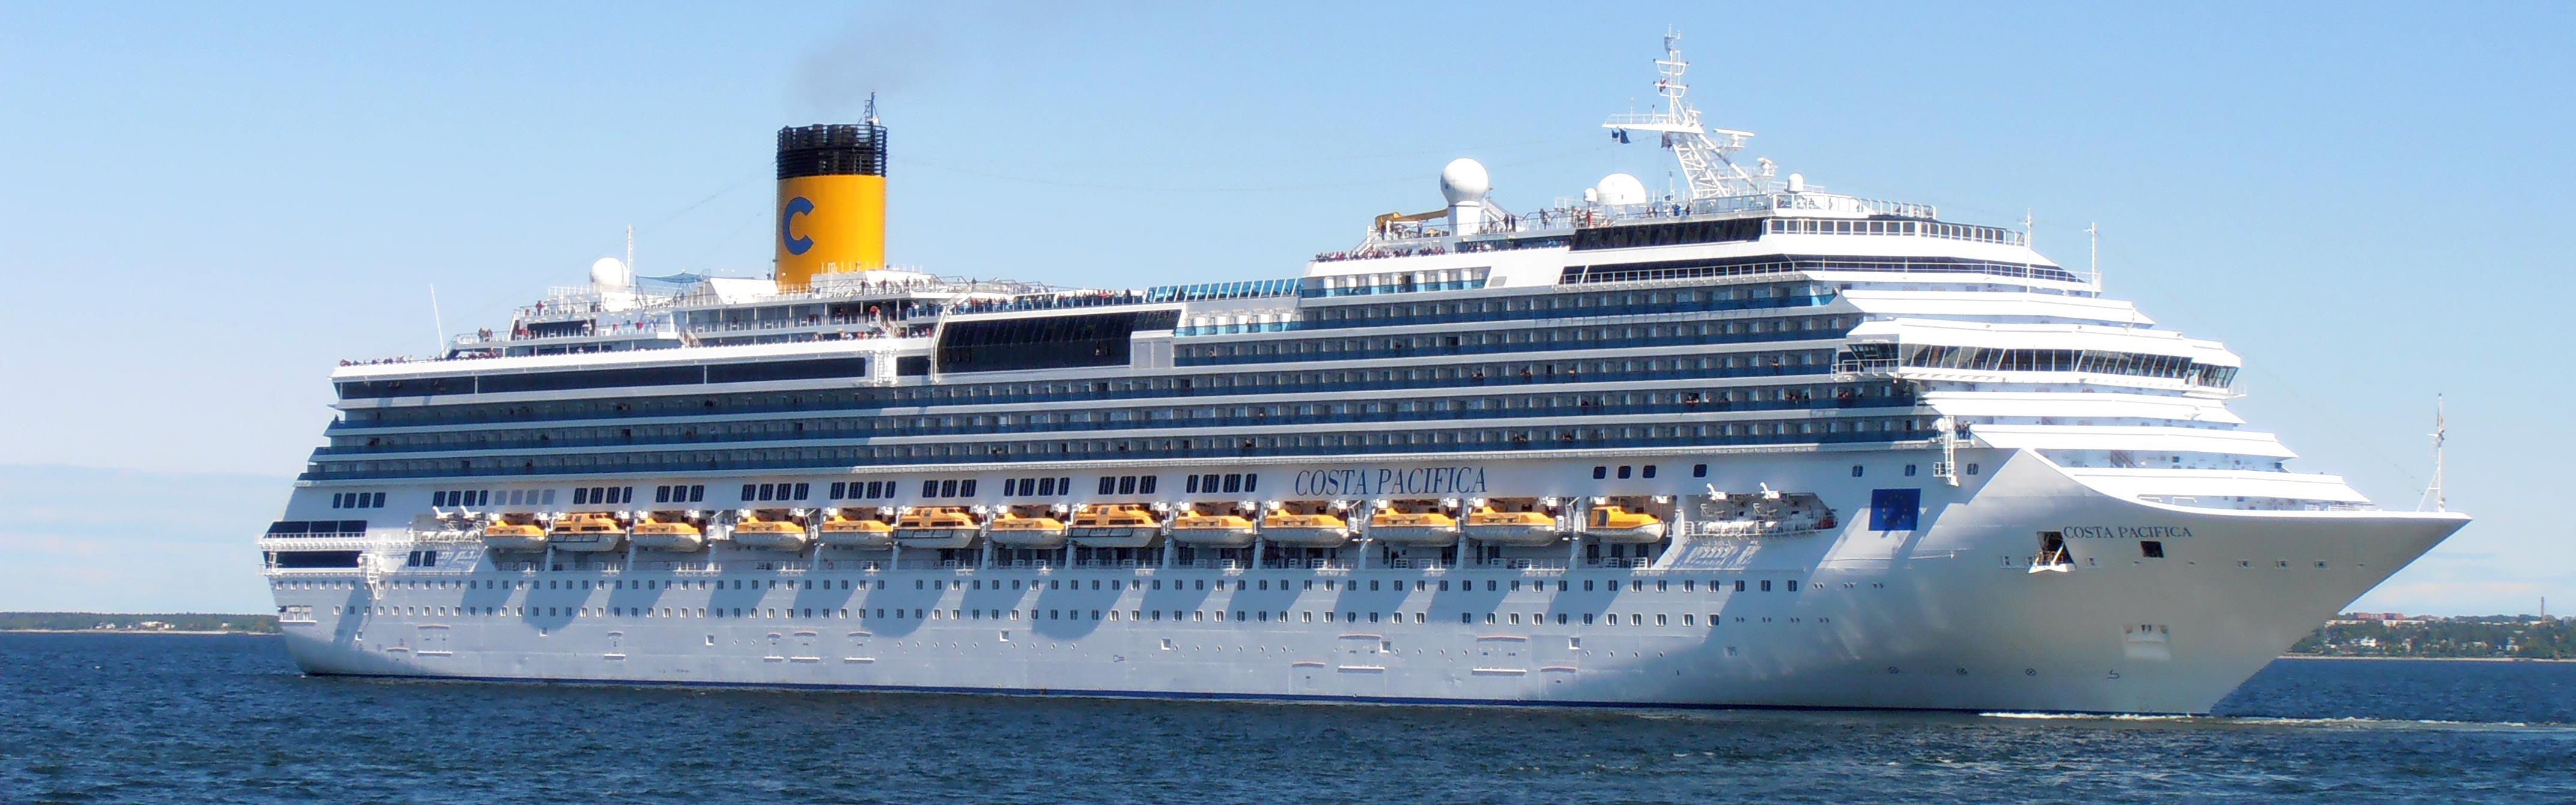 Costa Cruises 2021/22